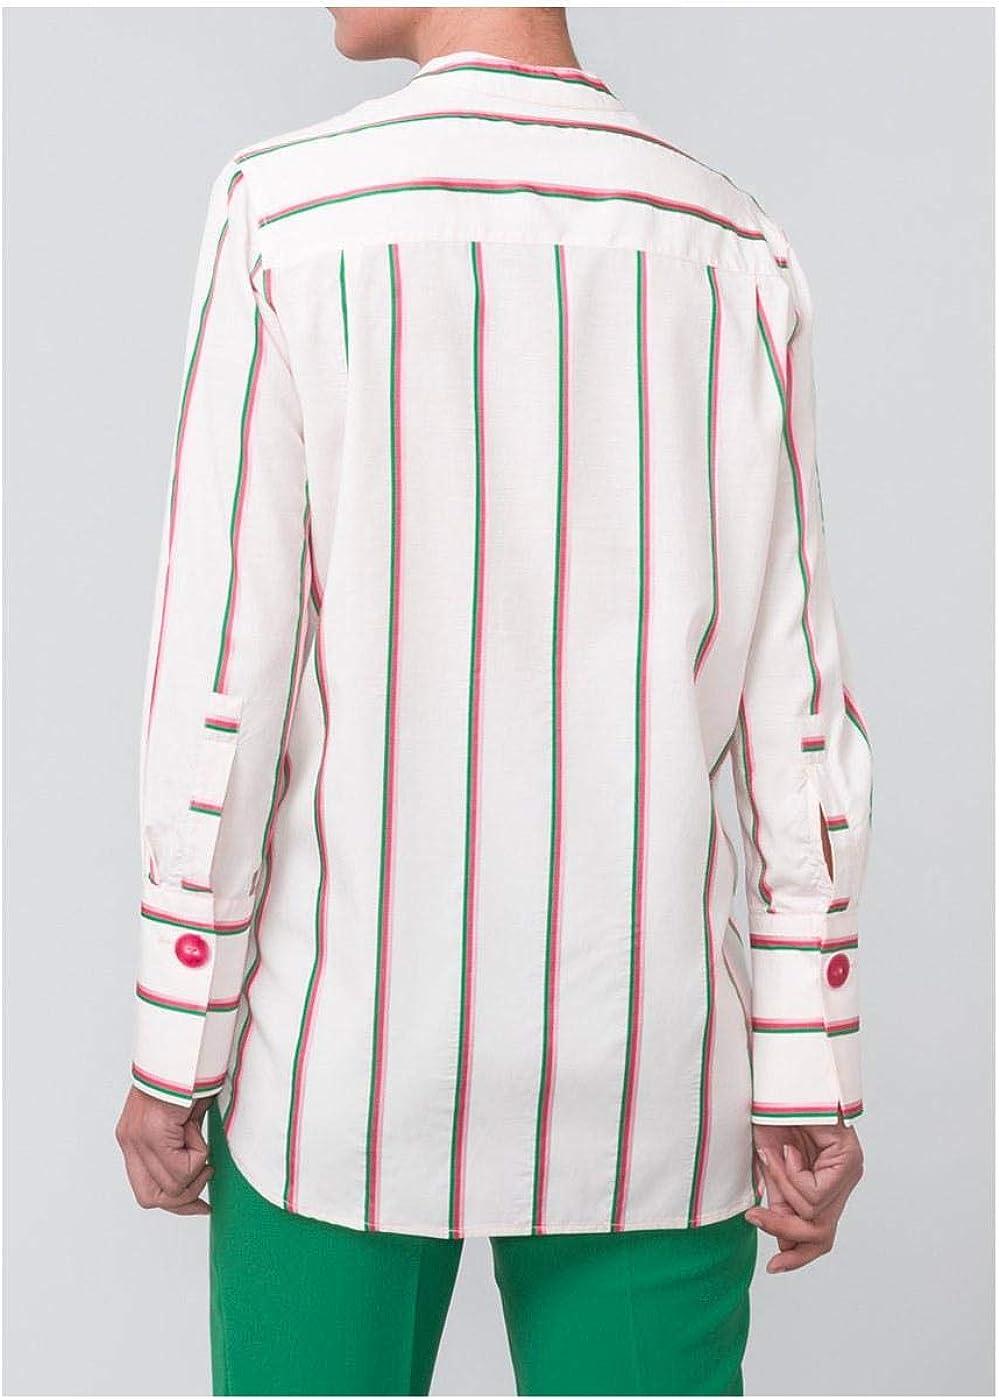 Camisa Mirto Fluida De Rayas para Mujer 48: Amazon.es: Zapatos y complementos